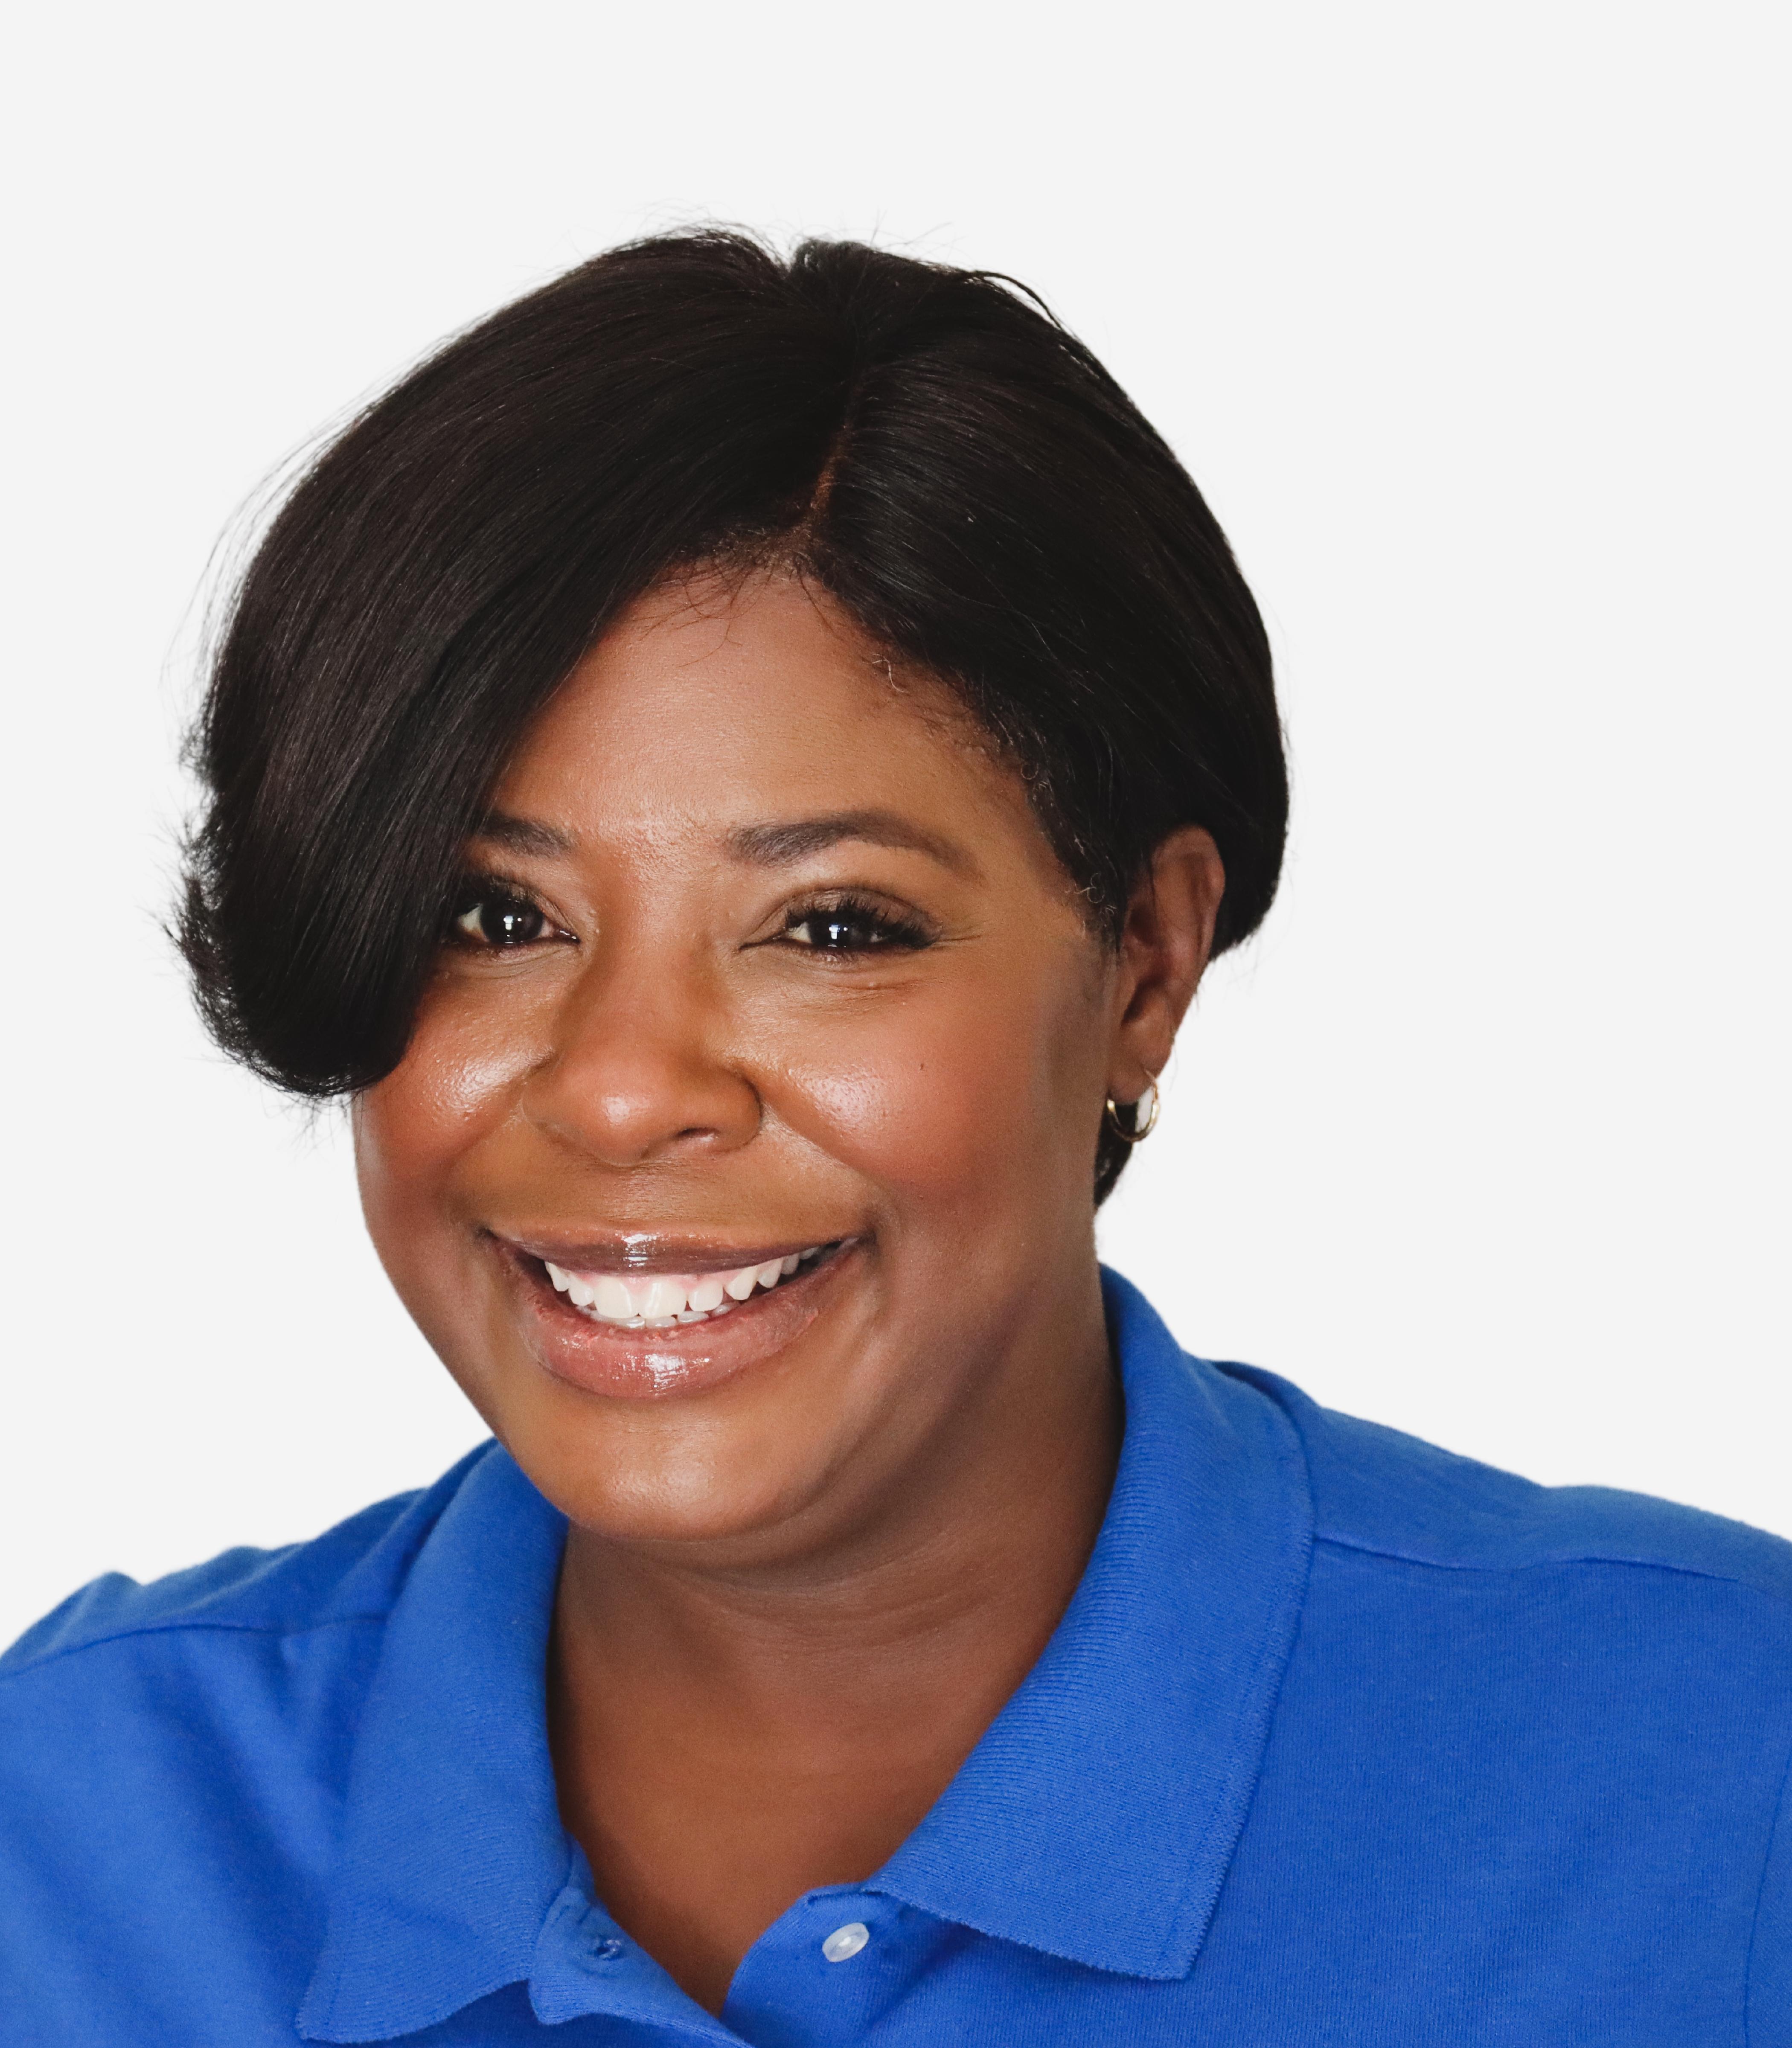 Jacqueline Wilcox